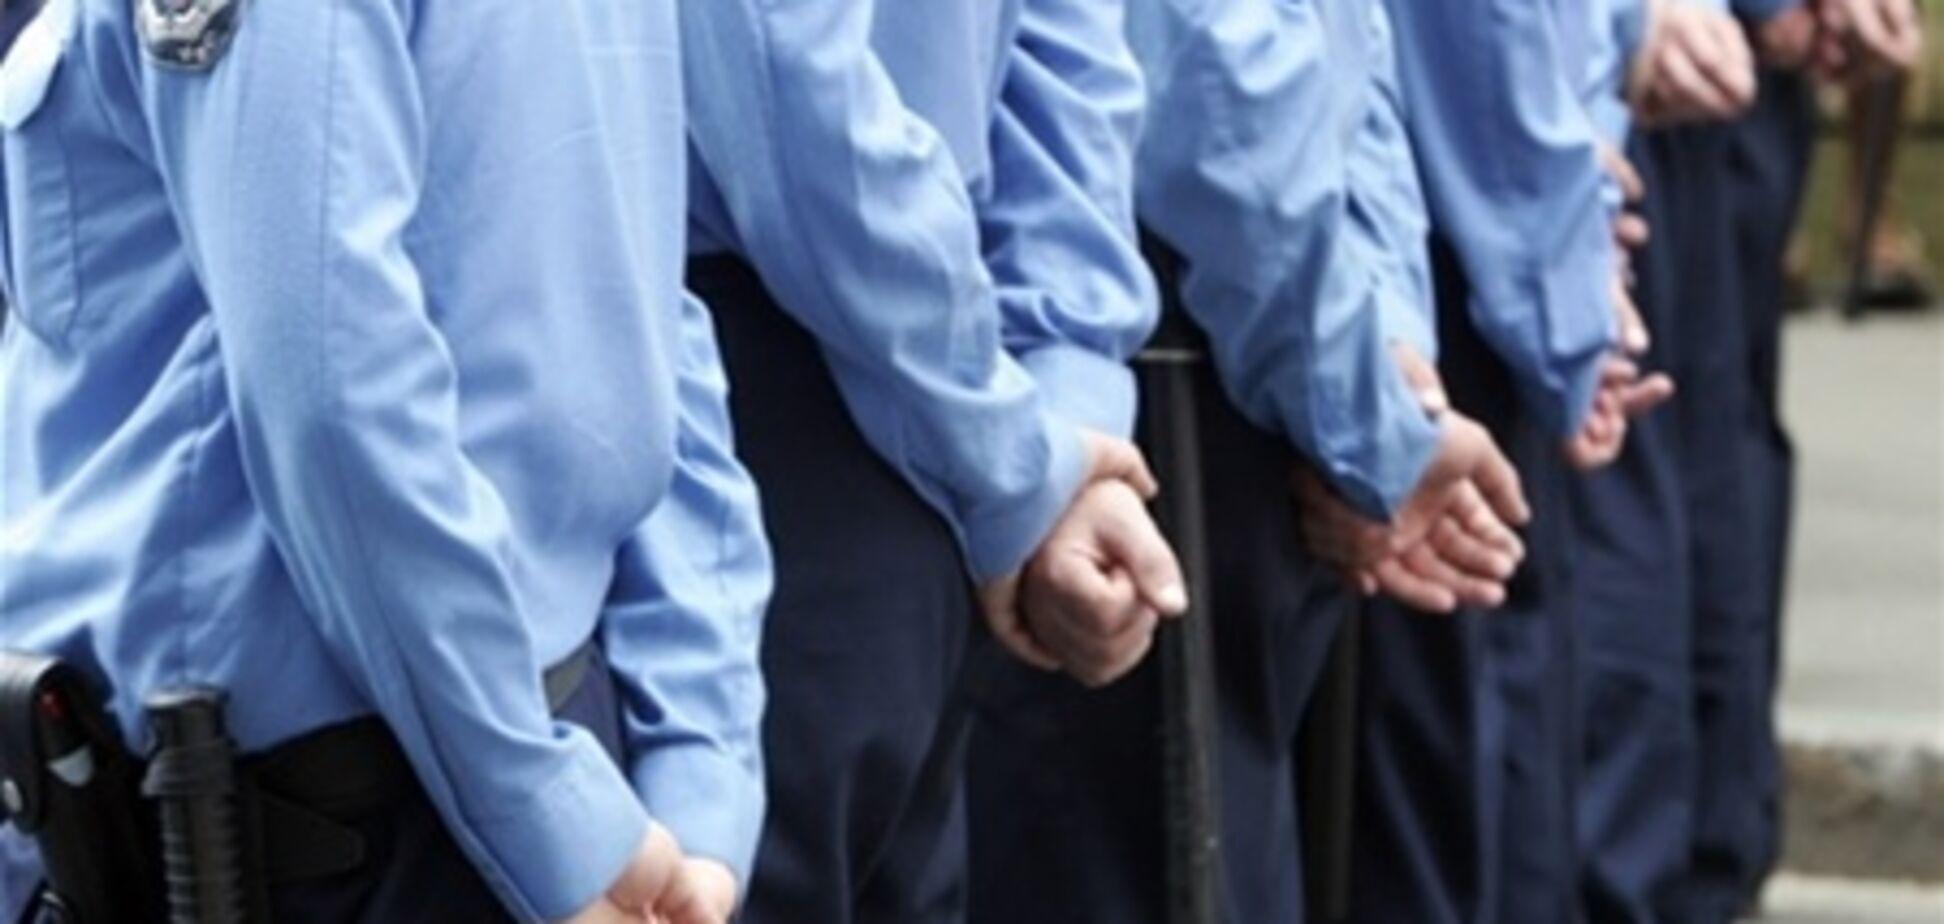 Днепропетровский милиционер погорел на взятке в 400 тыс. гривен